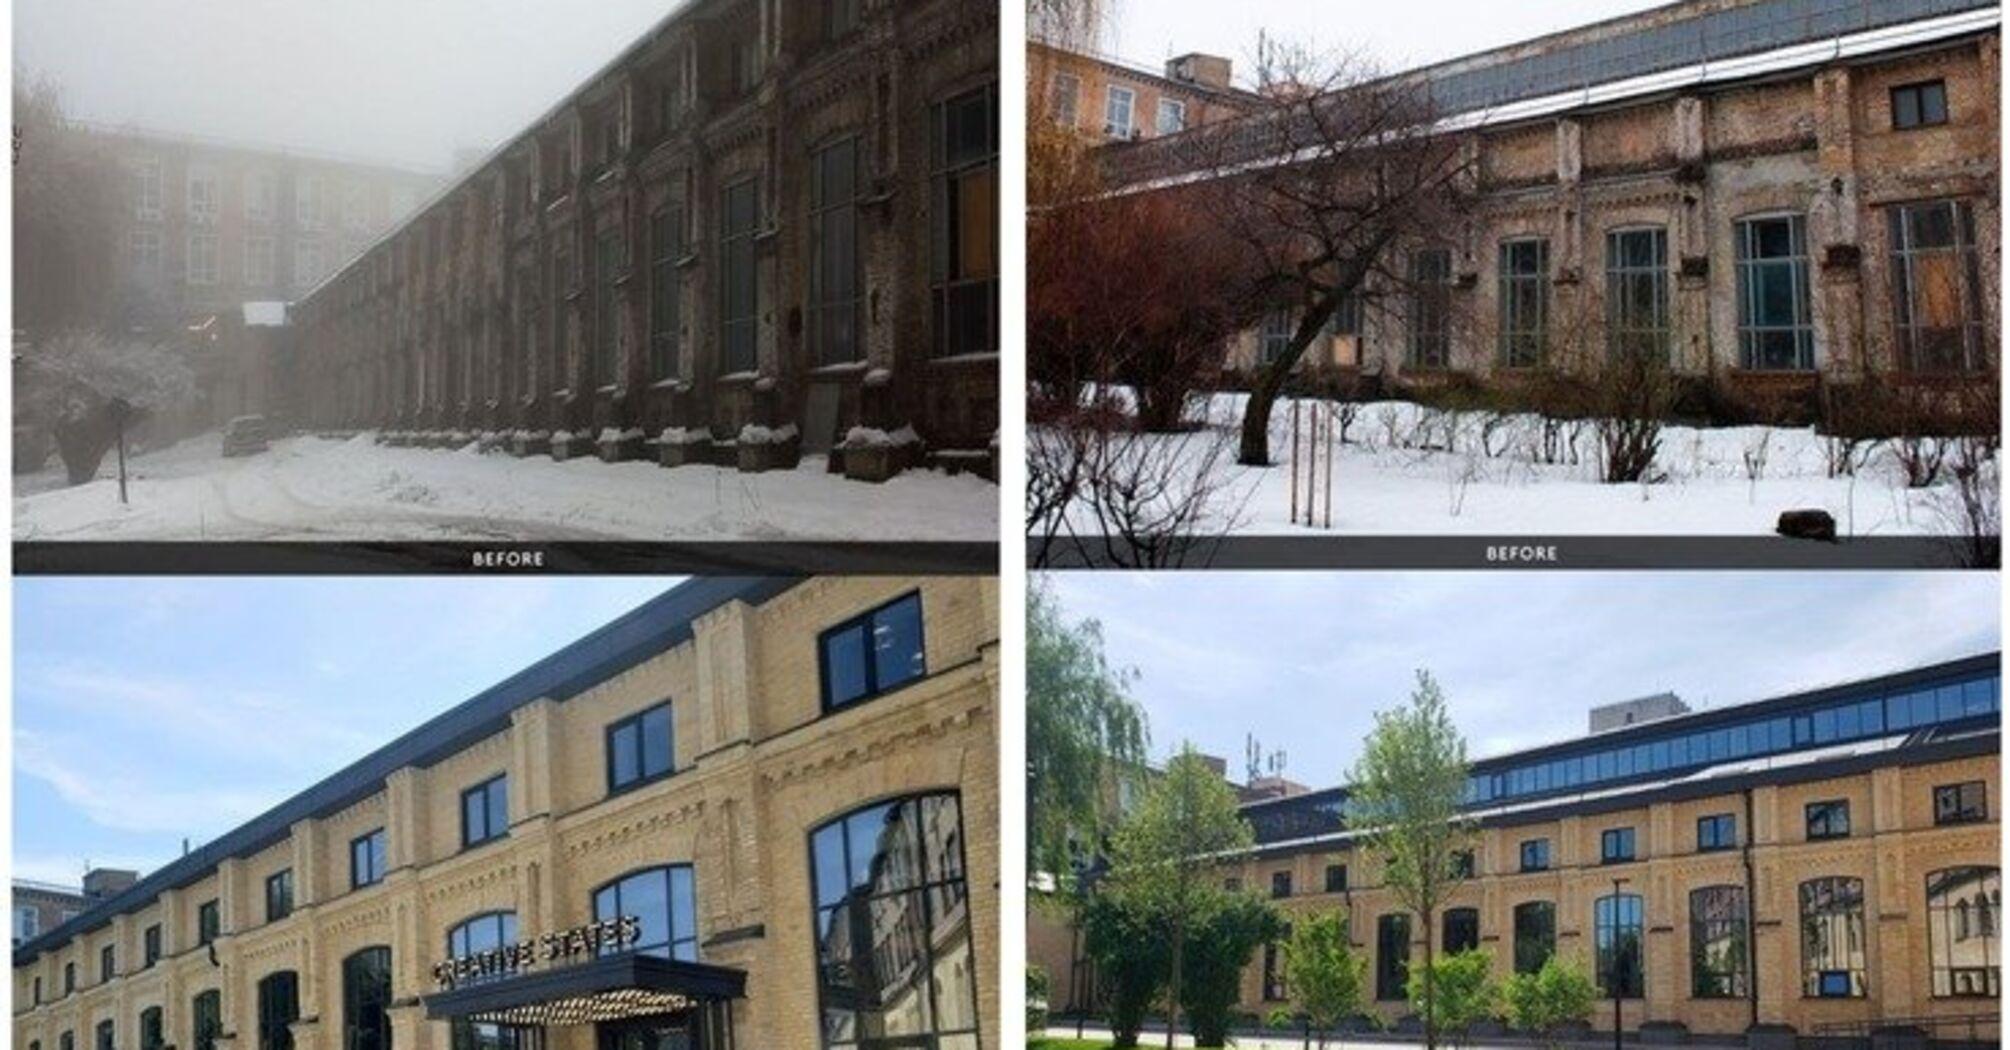 """Як змінилася історична будівля """"Арсеналу"""", де зараз працює коворкінг Creative States?"""